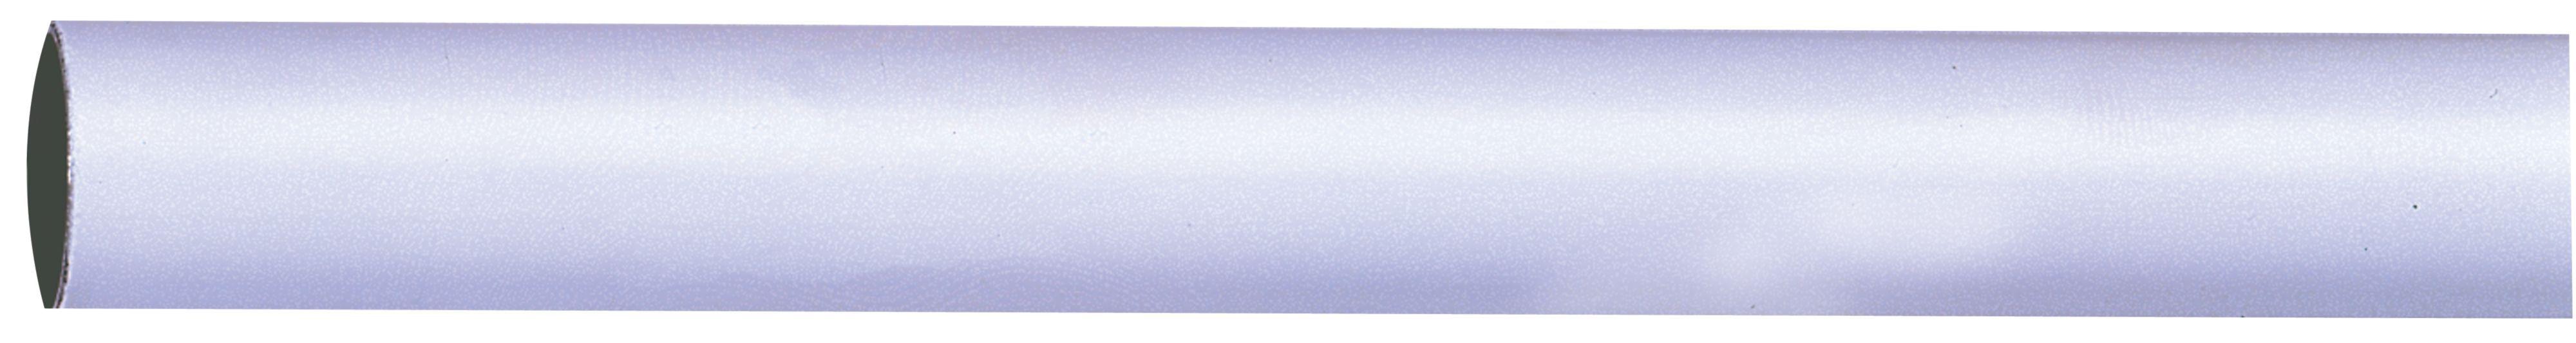 Colorail White Steel Round Tube (l)0.91m